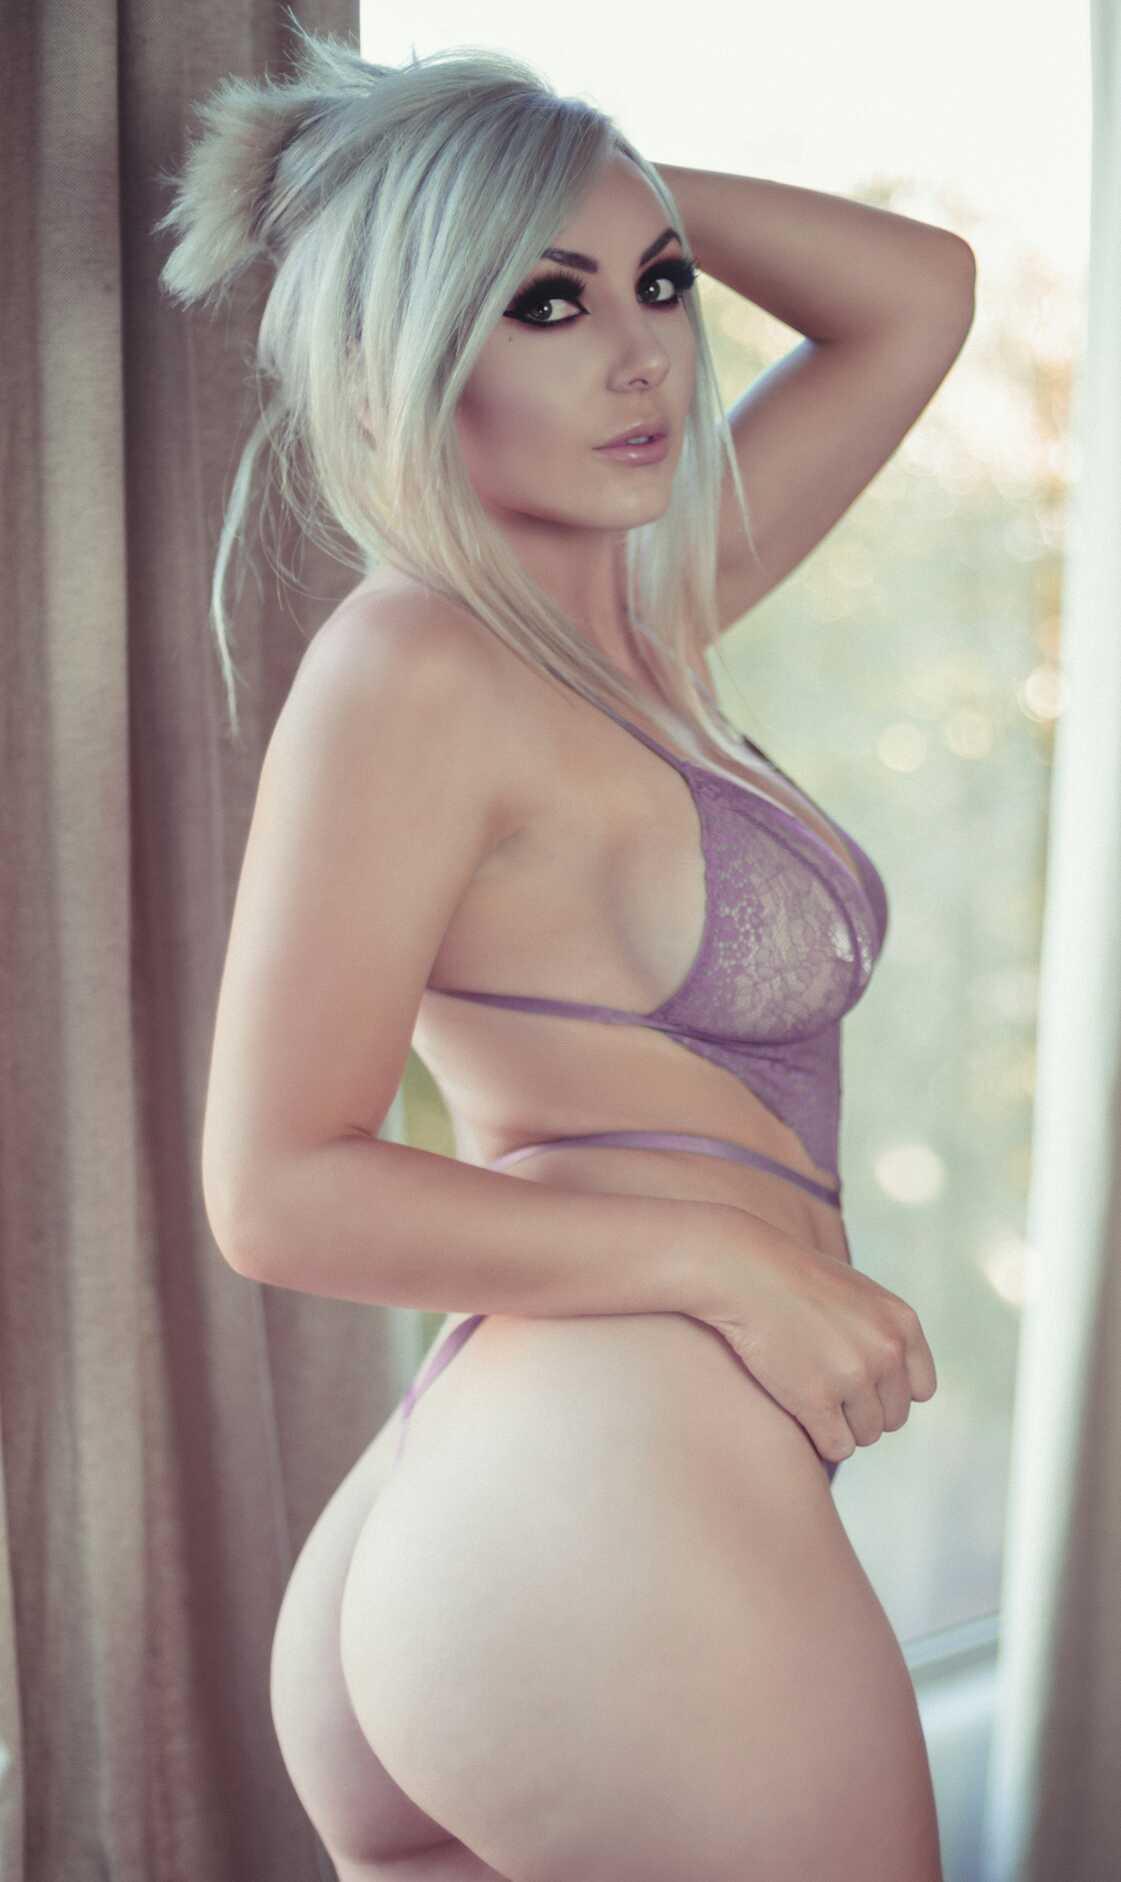 Jessica Nigri, Onlyfans Lavender Lingerie 0058